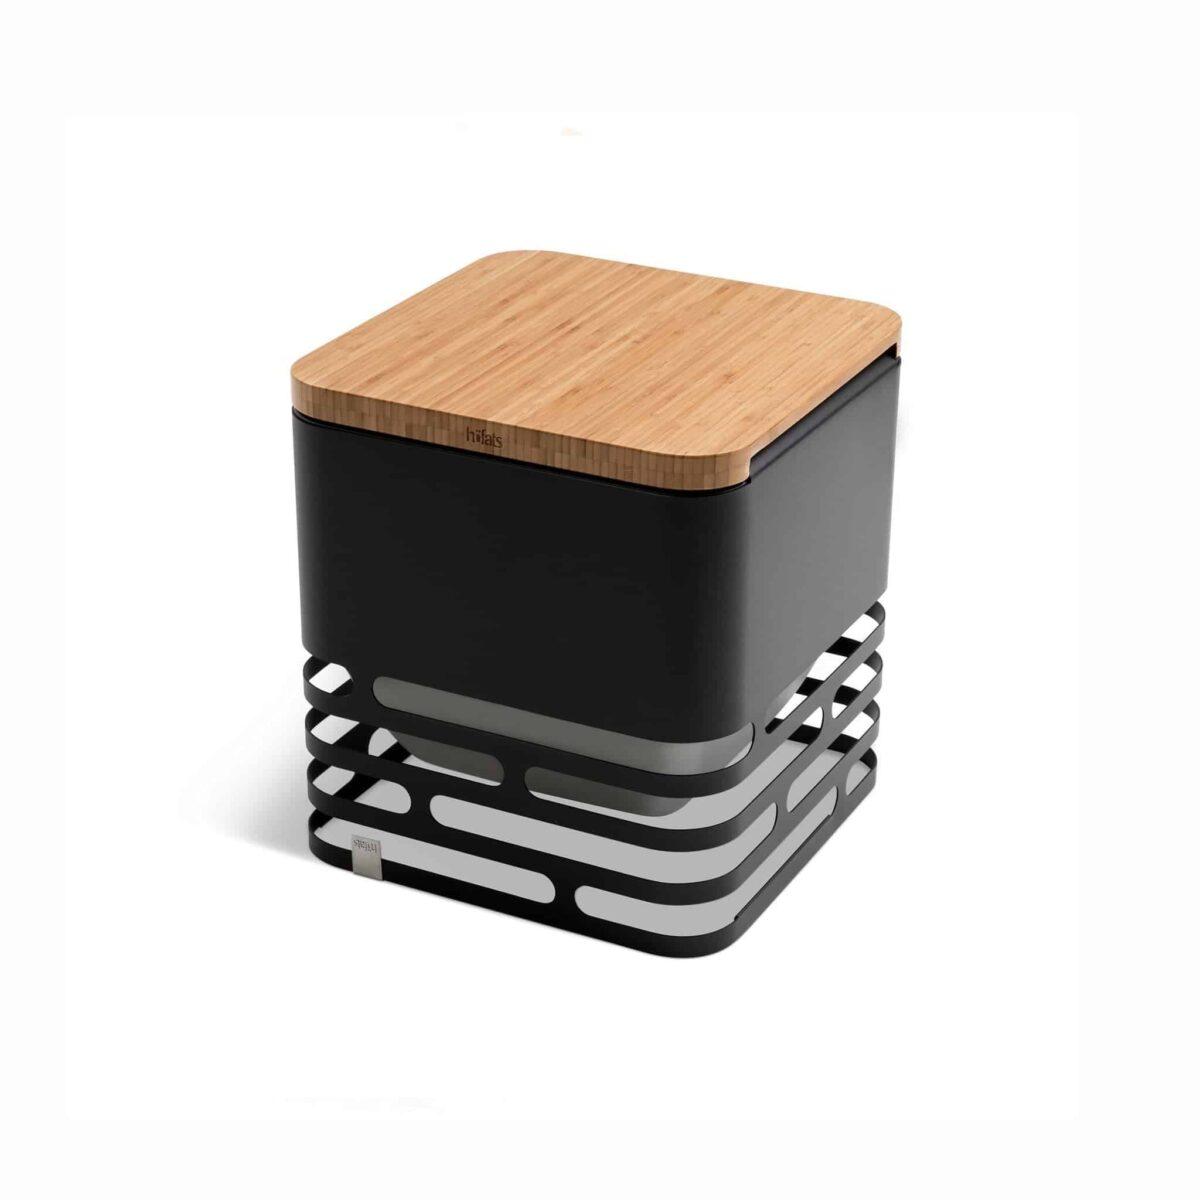 hoefats-cube-fire-basket-003